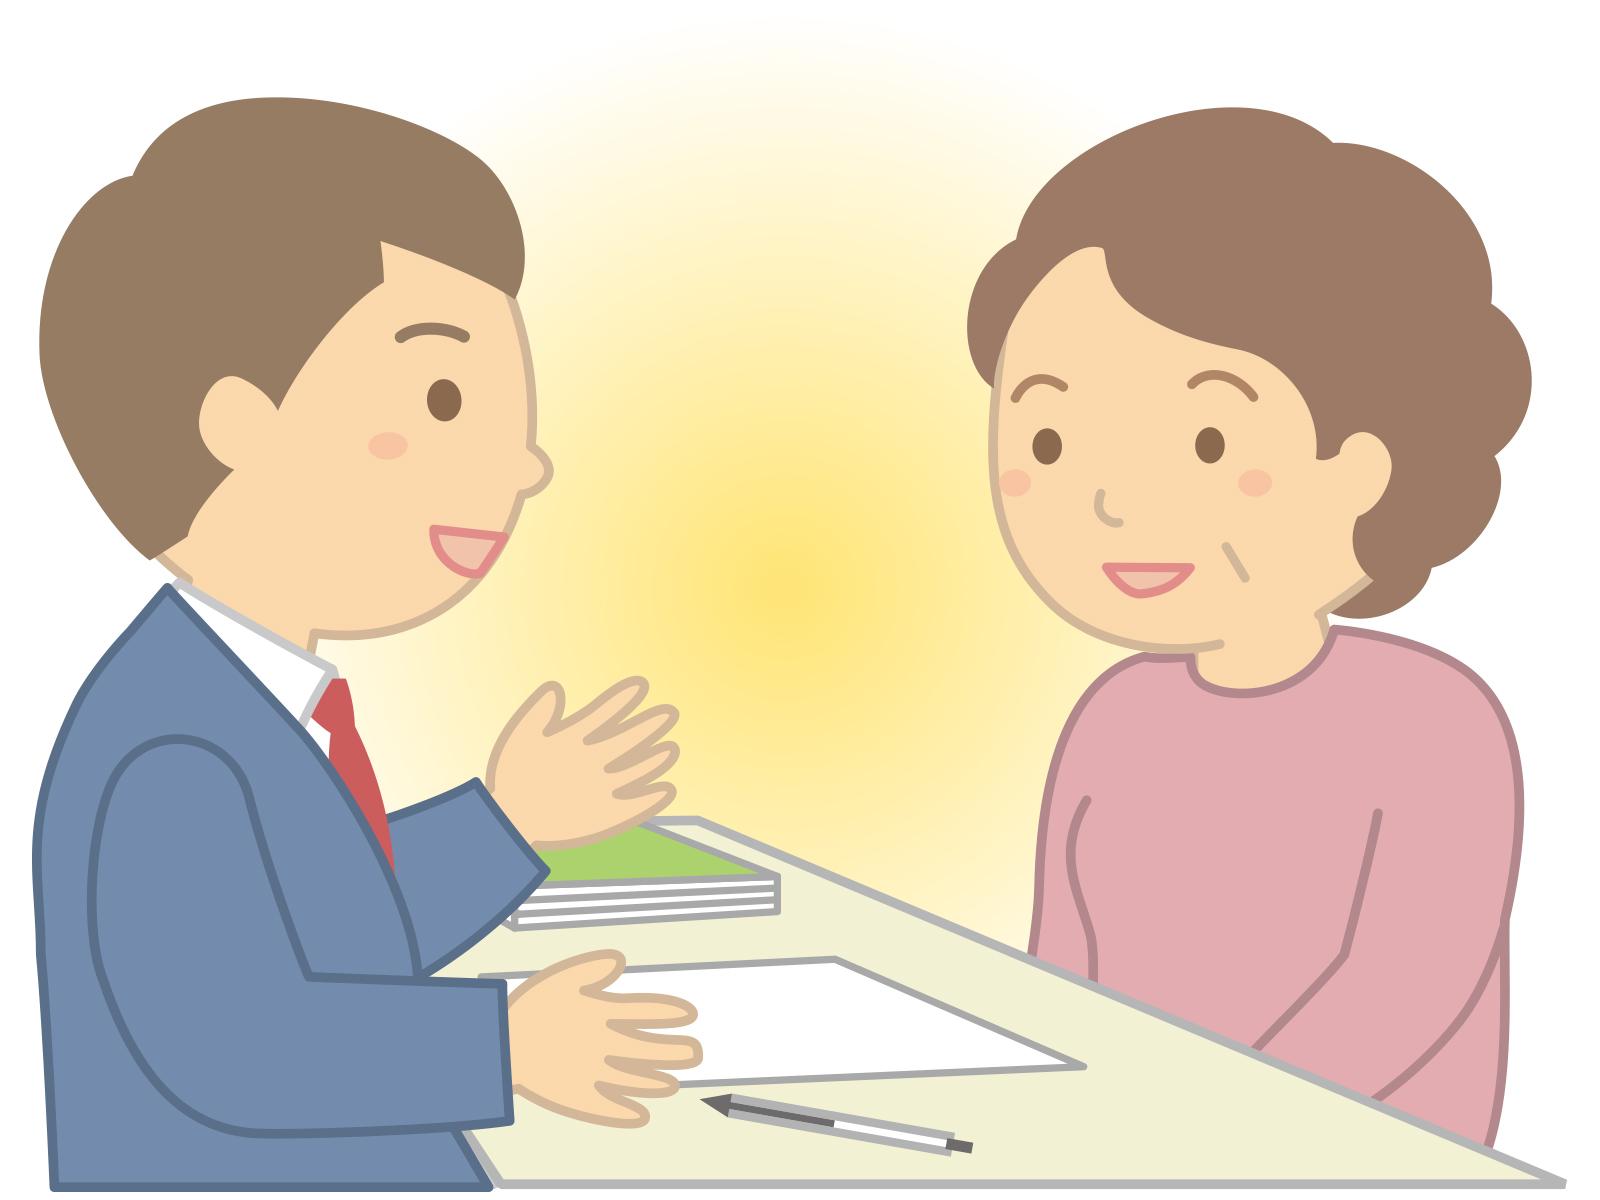 初心者土地売主さん、買主さんでも無理なく理解できる建築基準法の43条ただし書き改正と不動産取引の注意点